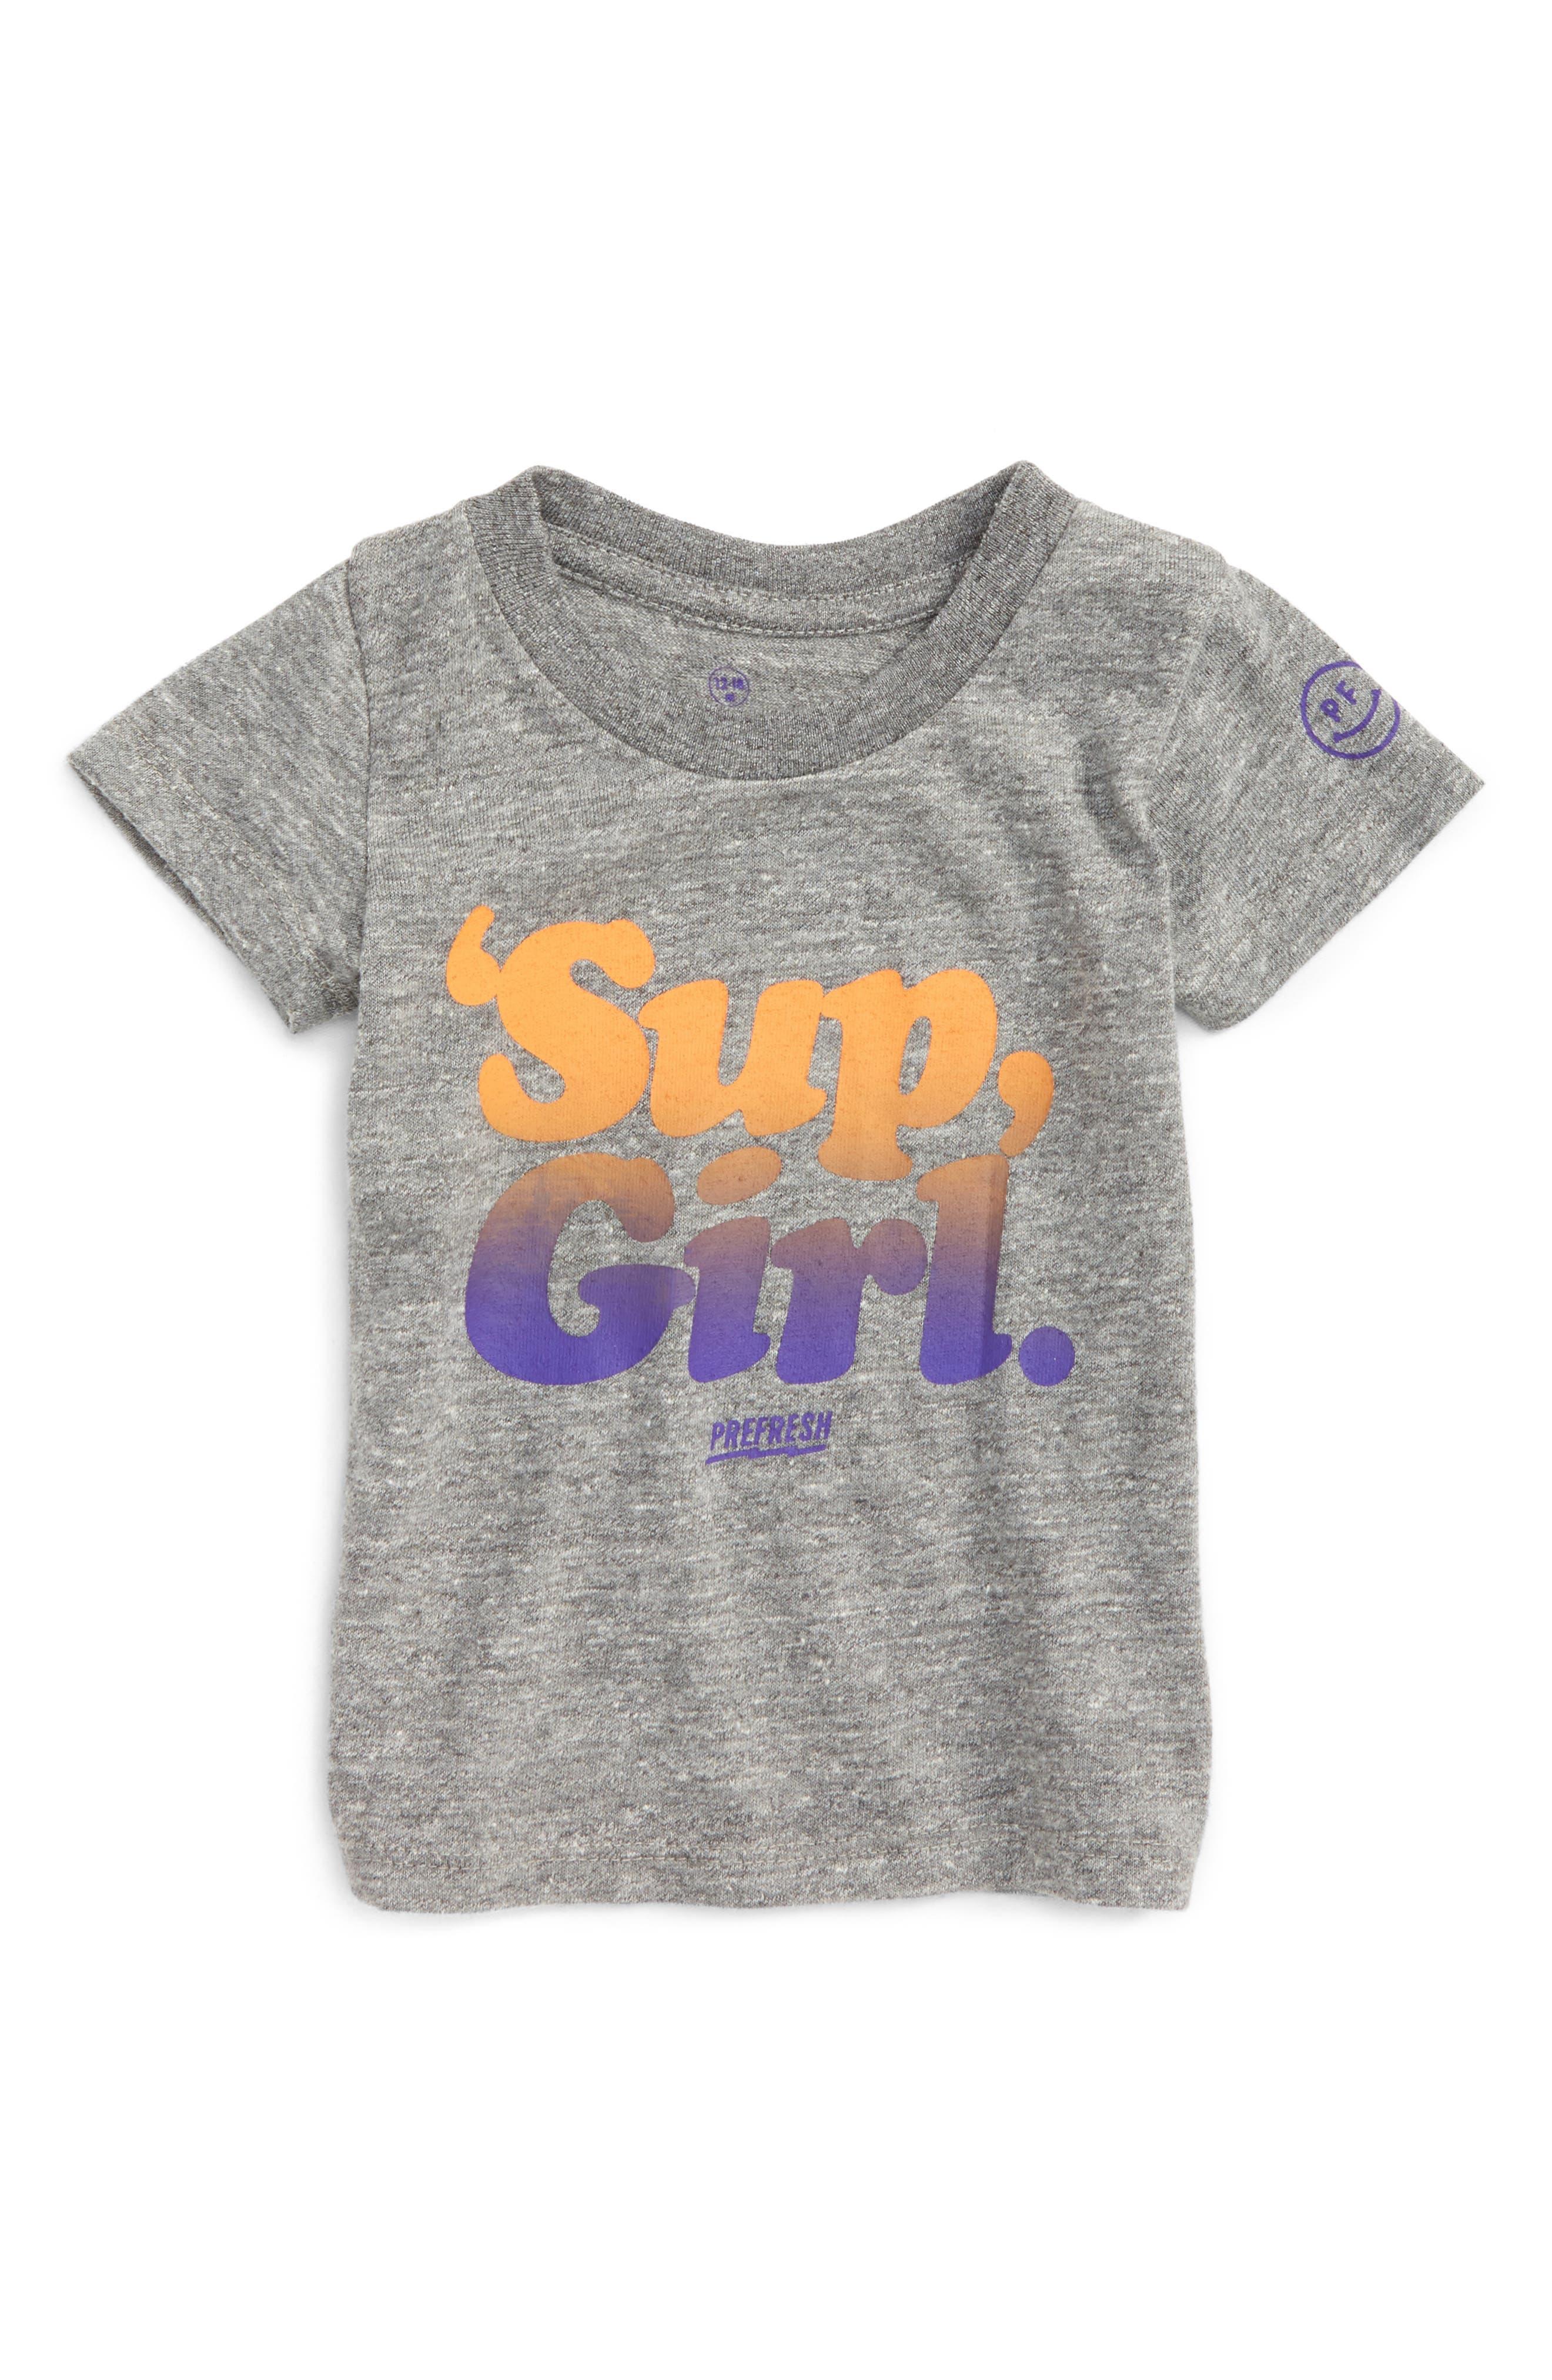 'Sup, Girl Graphic T-Shirt,                             Main thumbnail 1, color,